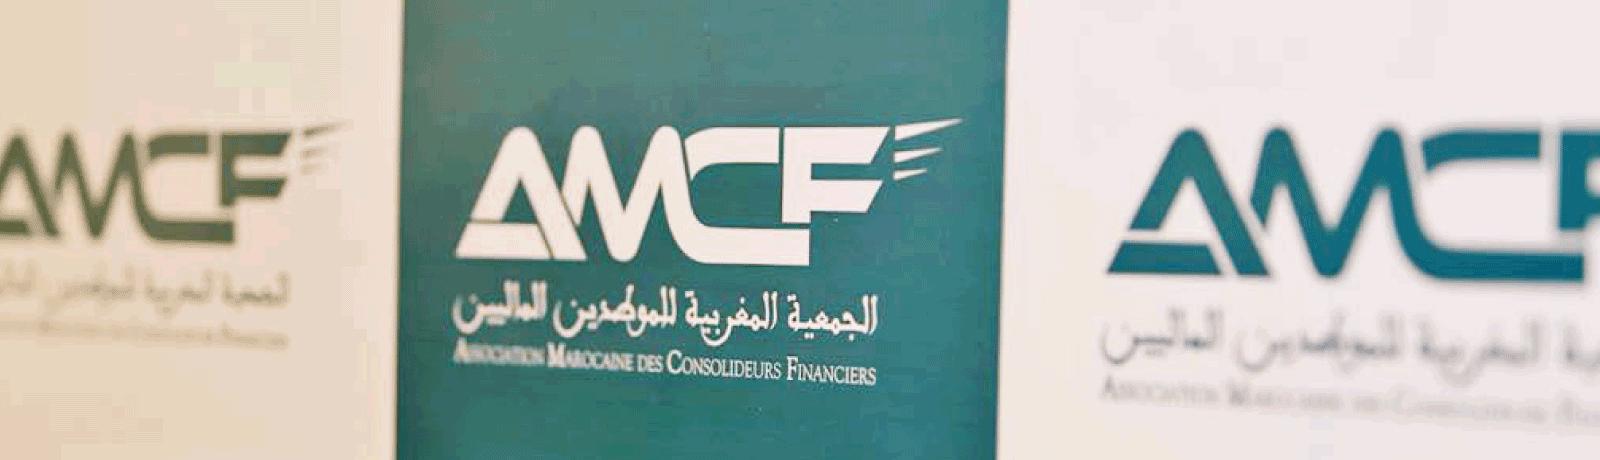 Amelkis sponsorise l'AMCF (Association Marocaine des Consolideurs Financiers)